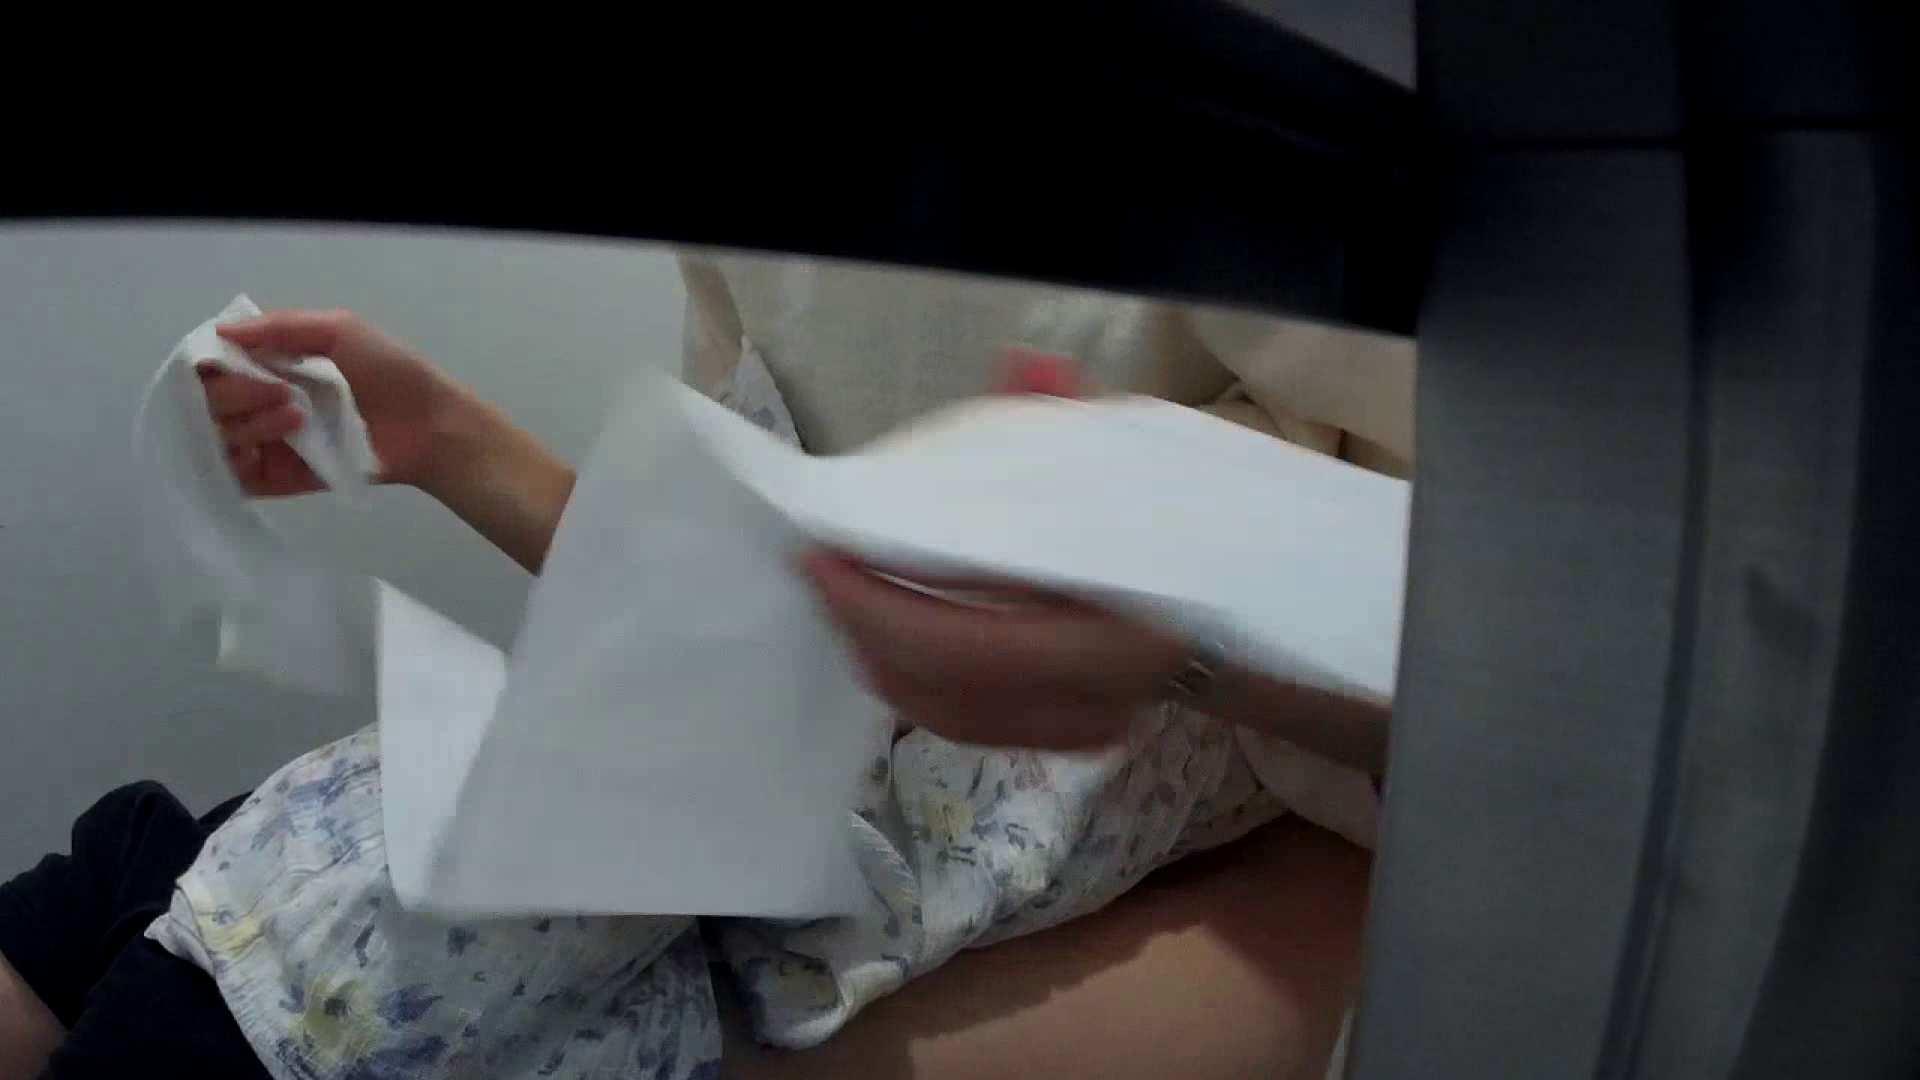 有名大学女性洗面所 vol.40 ??おまじない的な動きをする子がいます。 高画質 性交動画流出 99枚 67